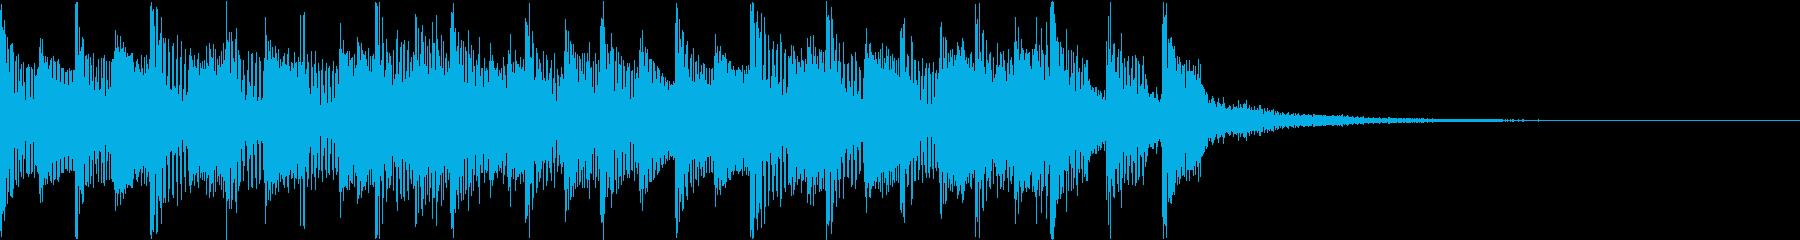 マリンバを使った明るいジングルの再生済みの波形